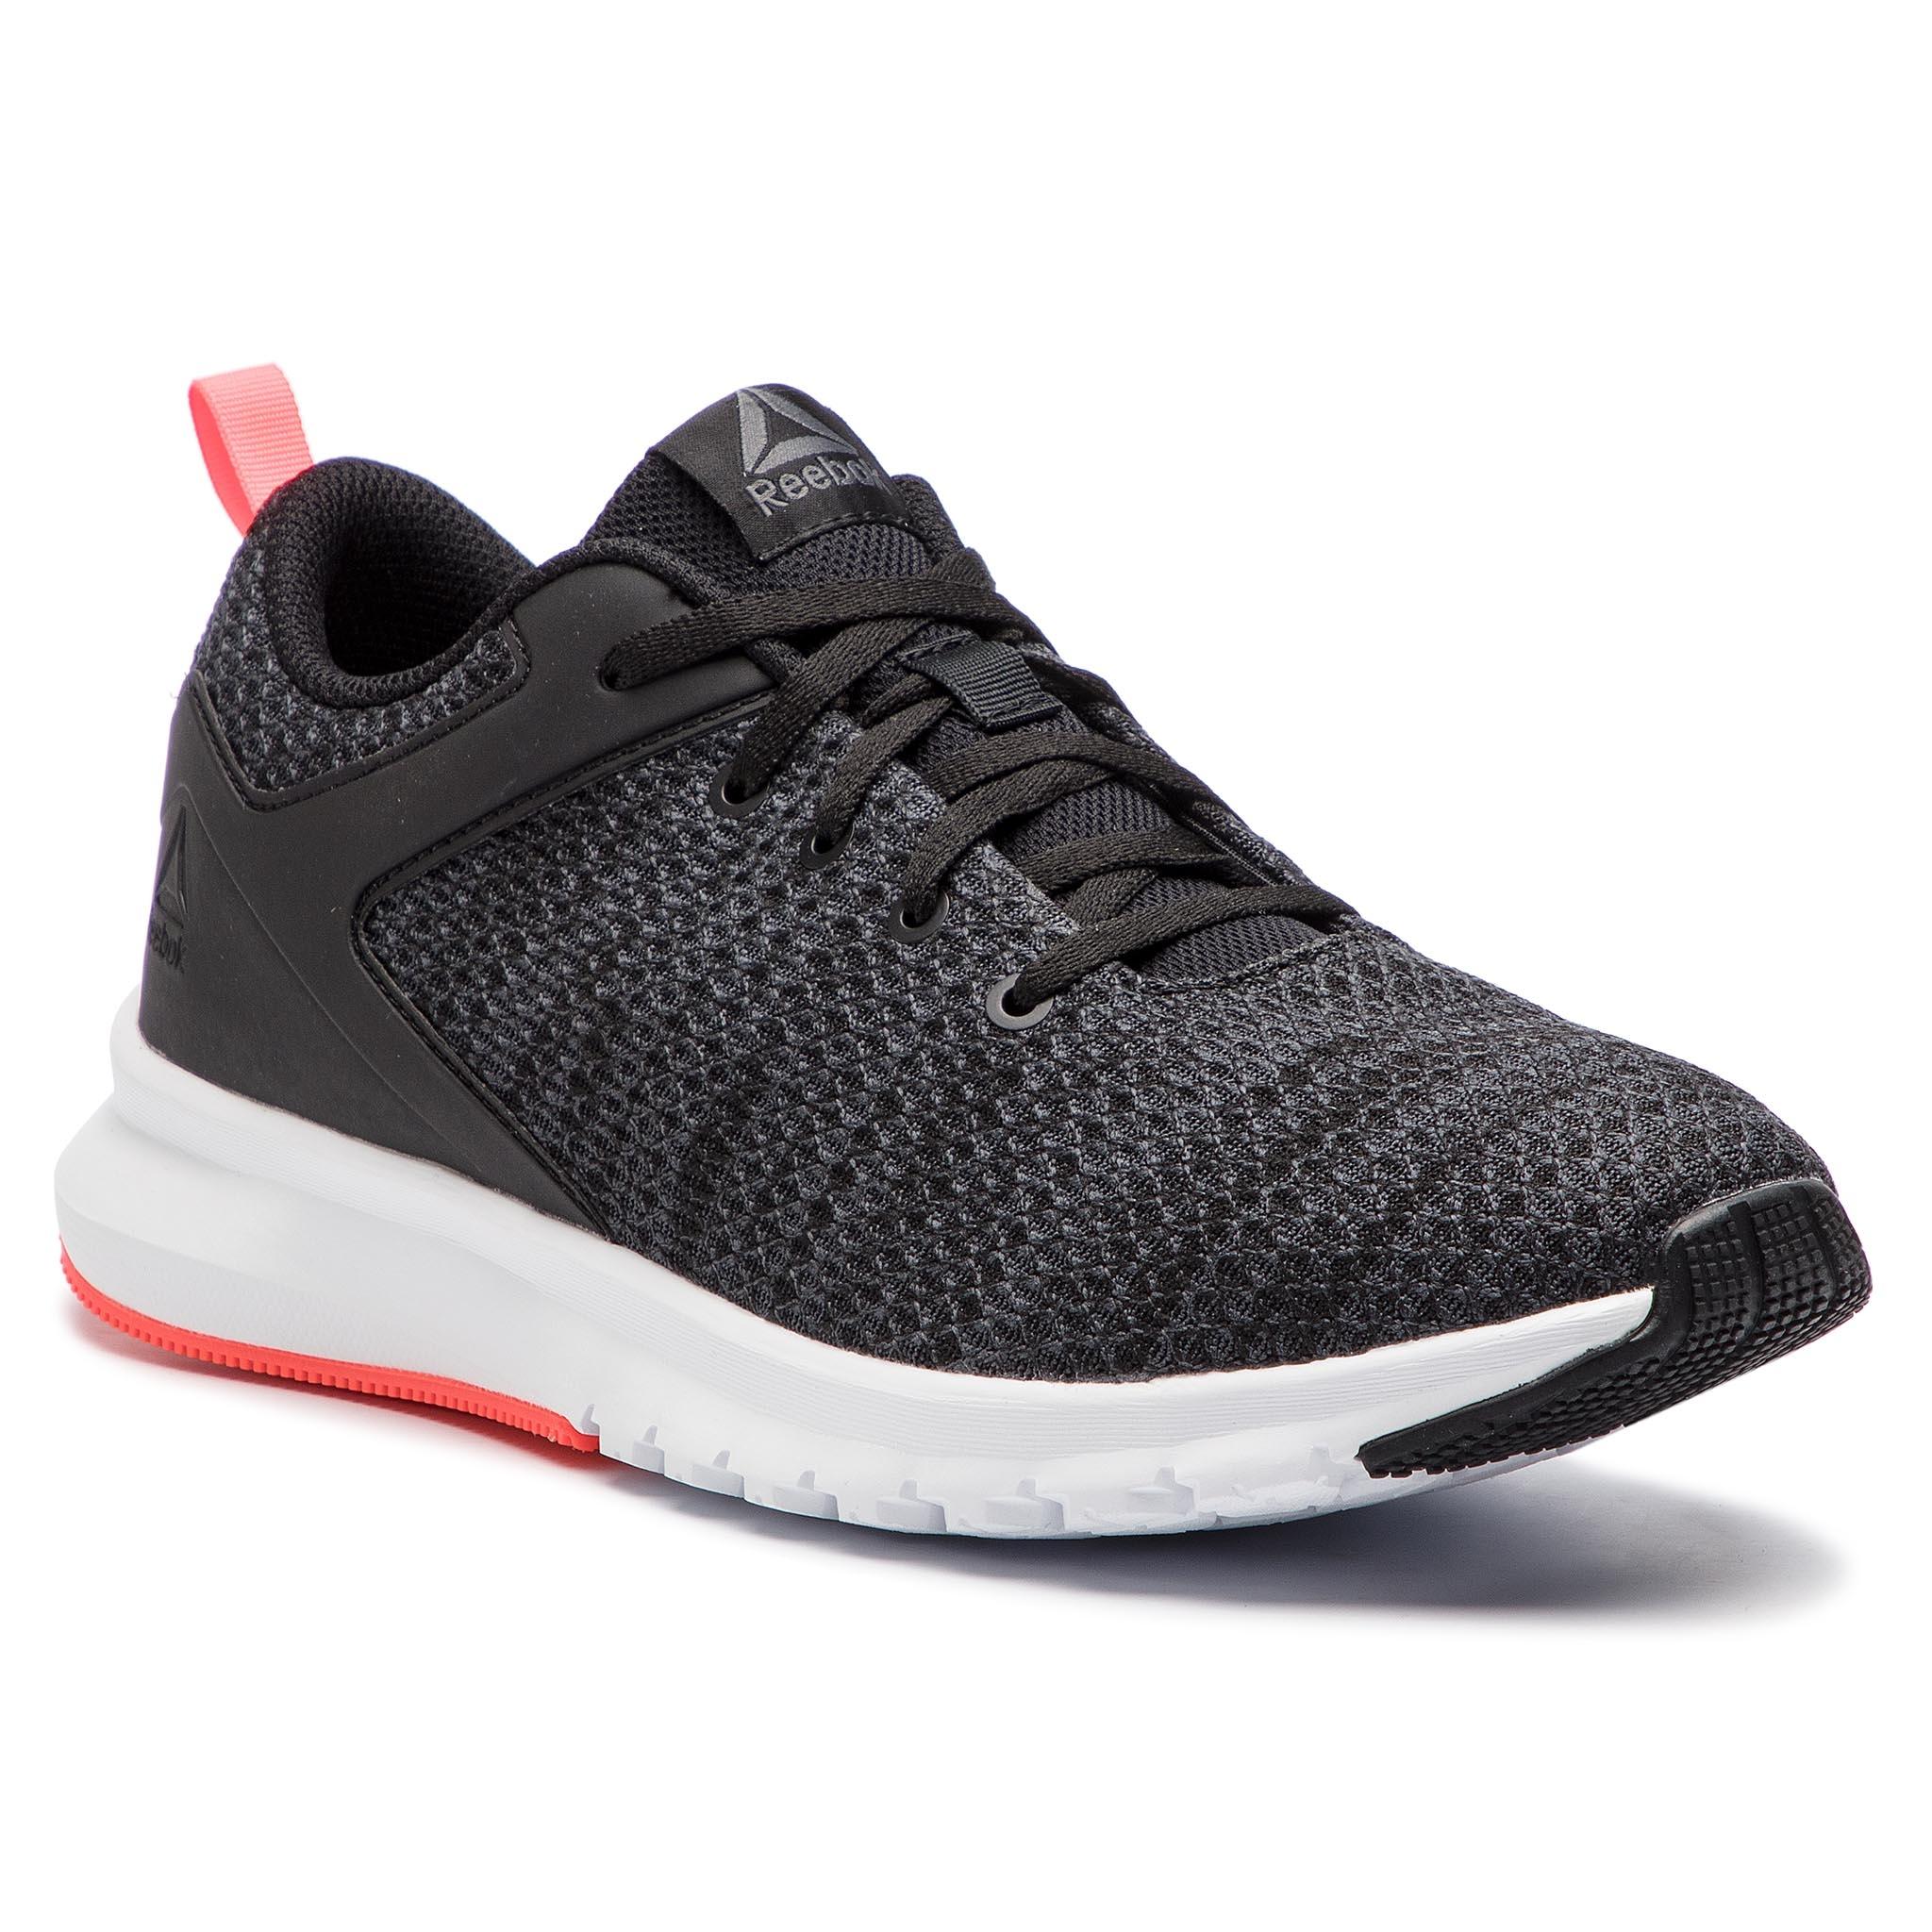 d4a859fd49b19 Sports shoes - www.efootwear.eu